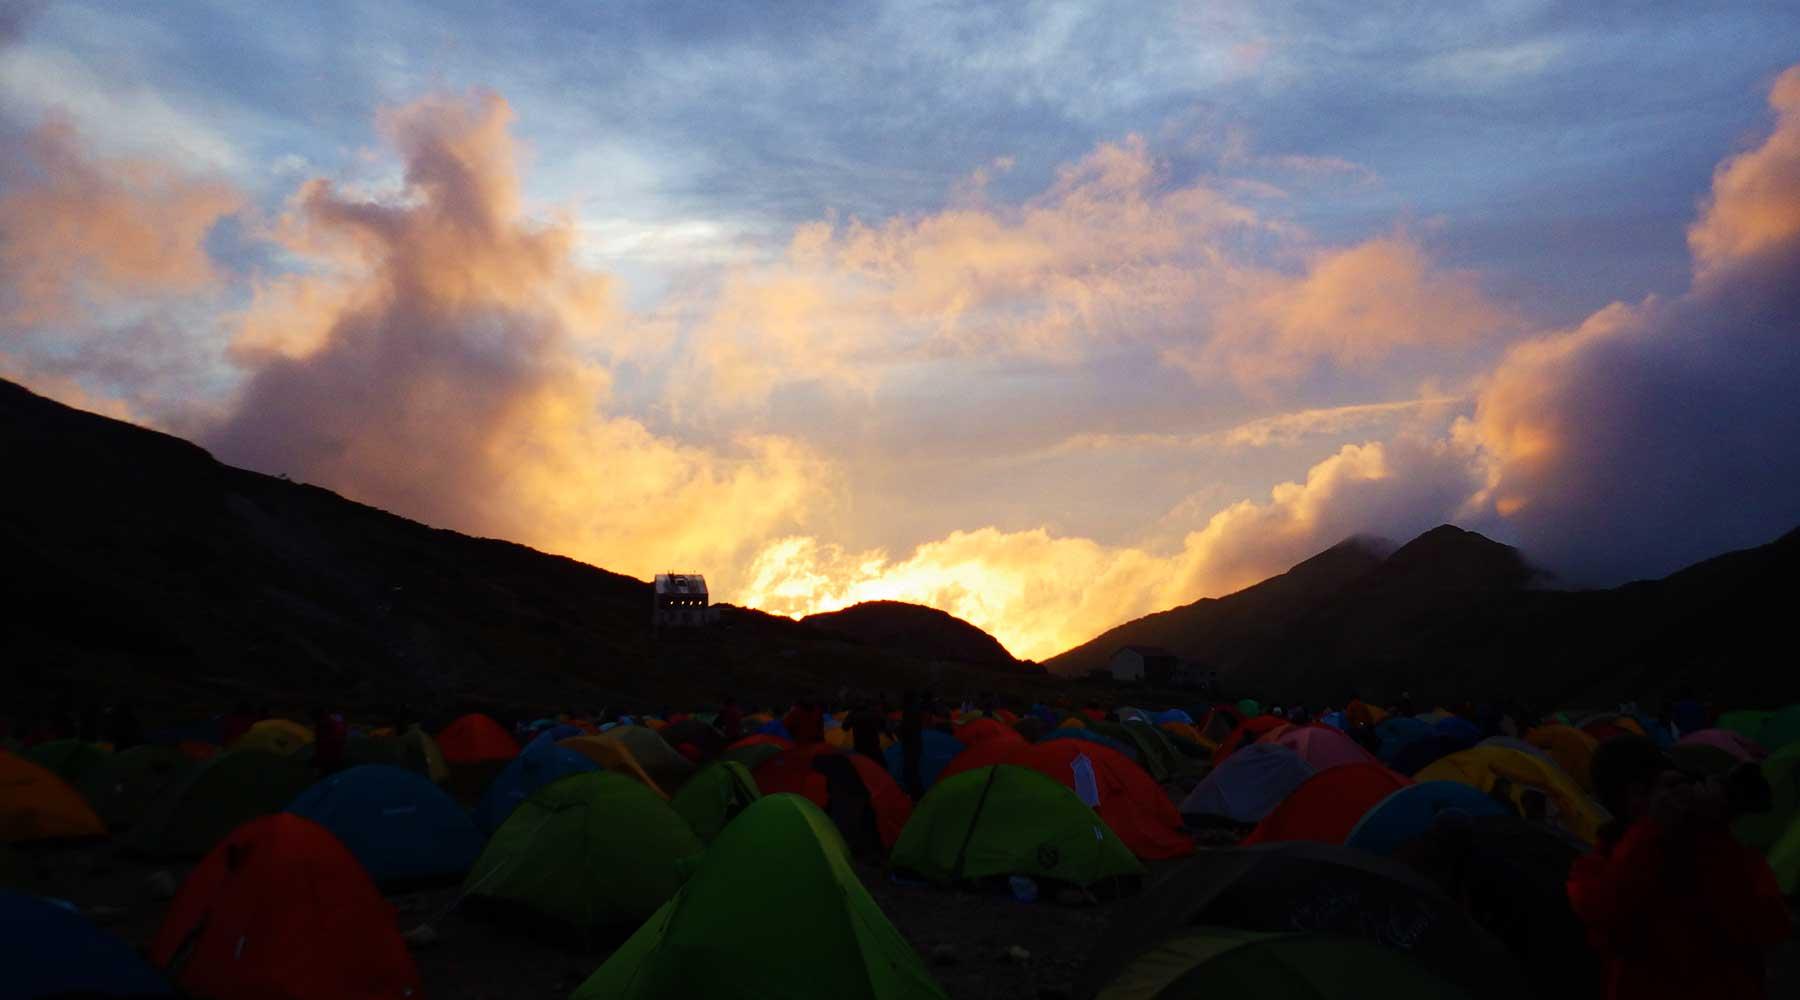 富山市の方へ沈む夕日